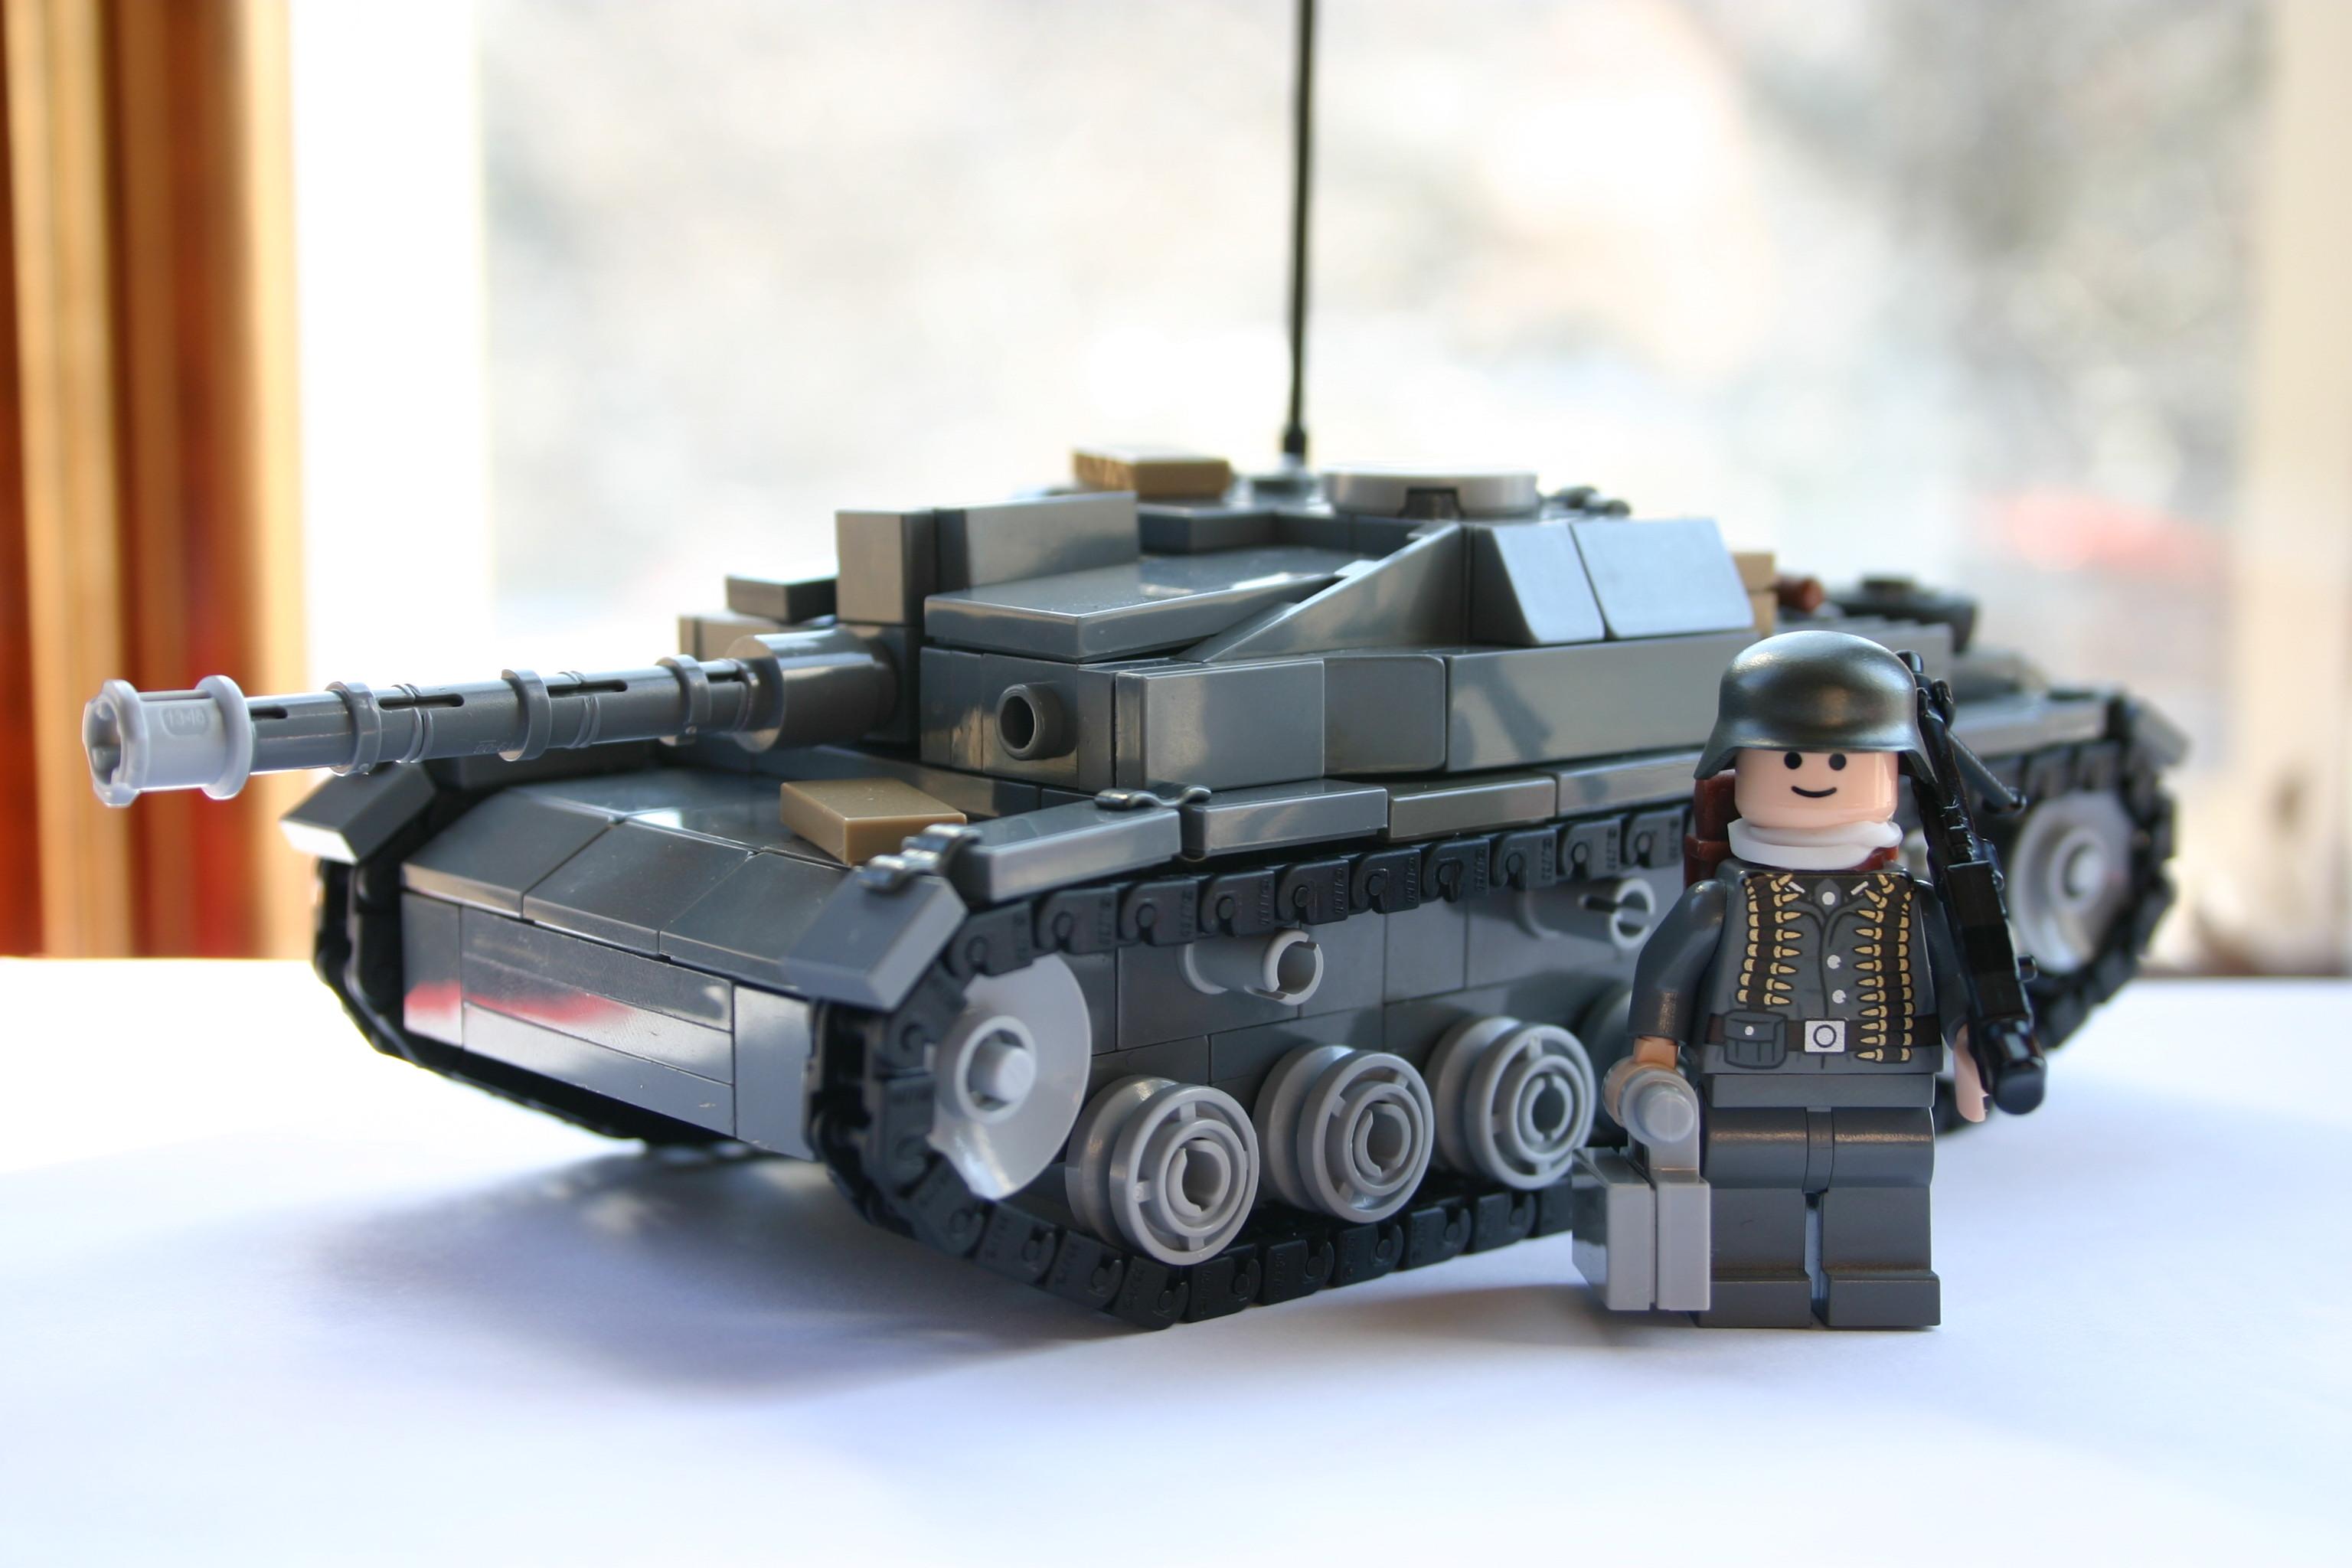 fond d 39 cran arme r servoir lego allemand legos brique citoyen mg flickr la seconde. Black Bedroom Furniture Sets. Home Design Ideas